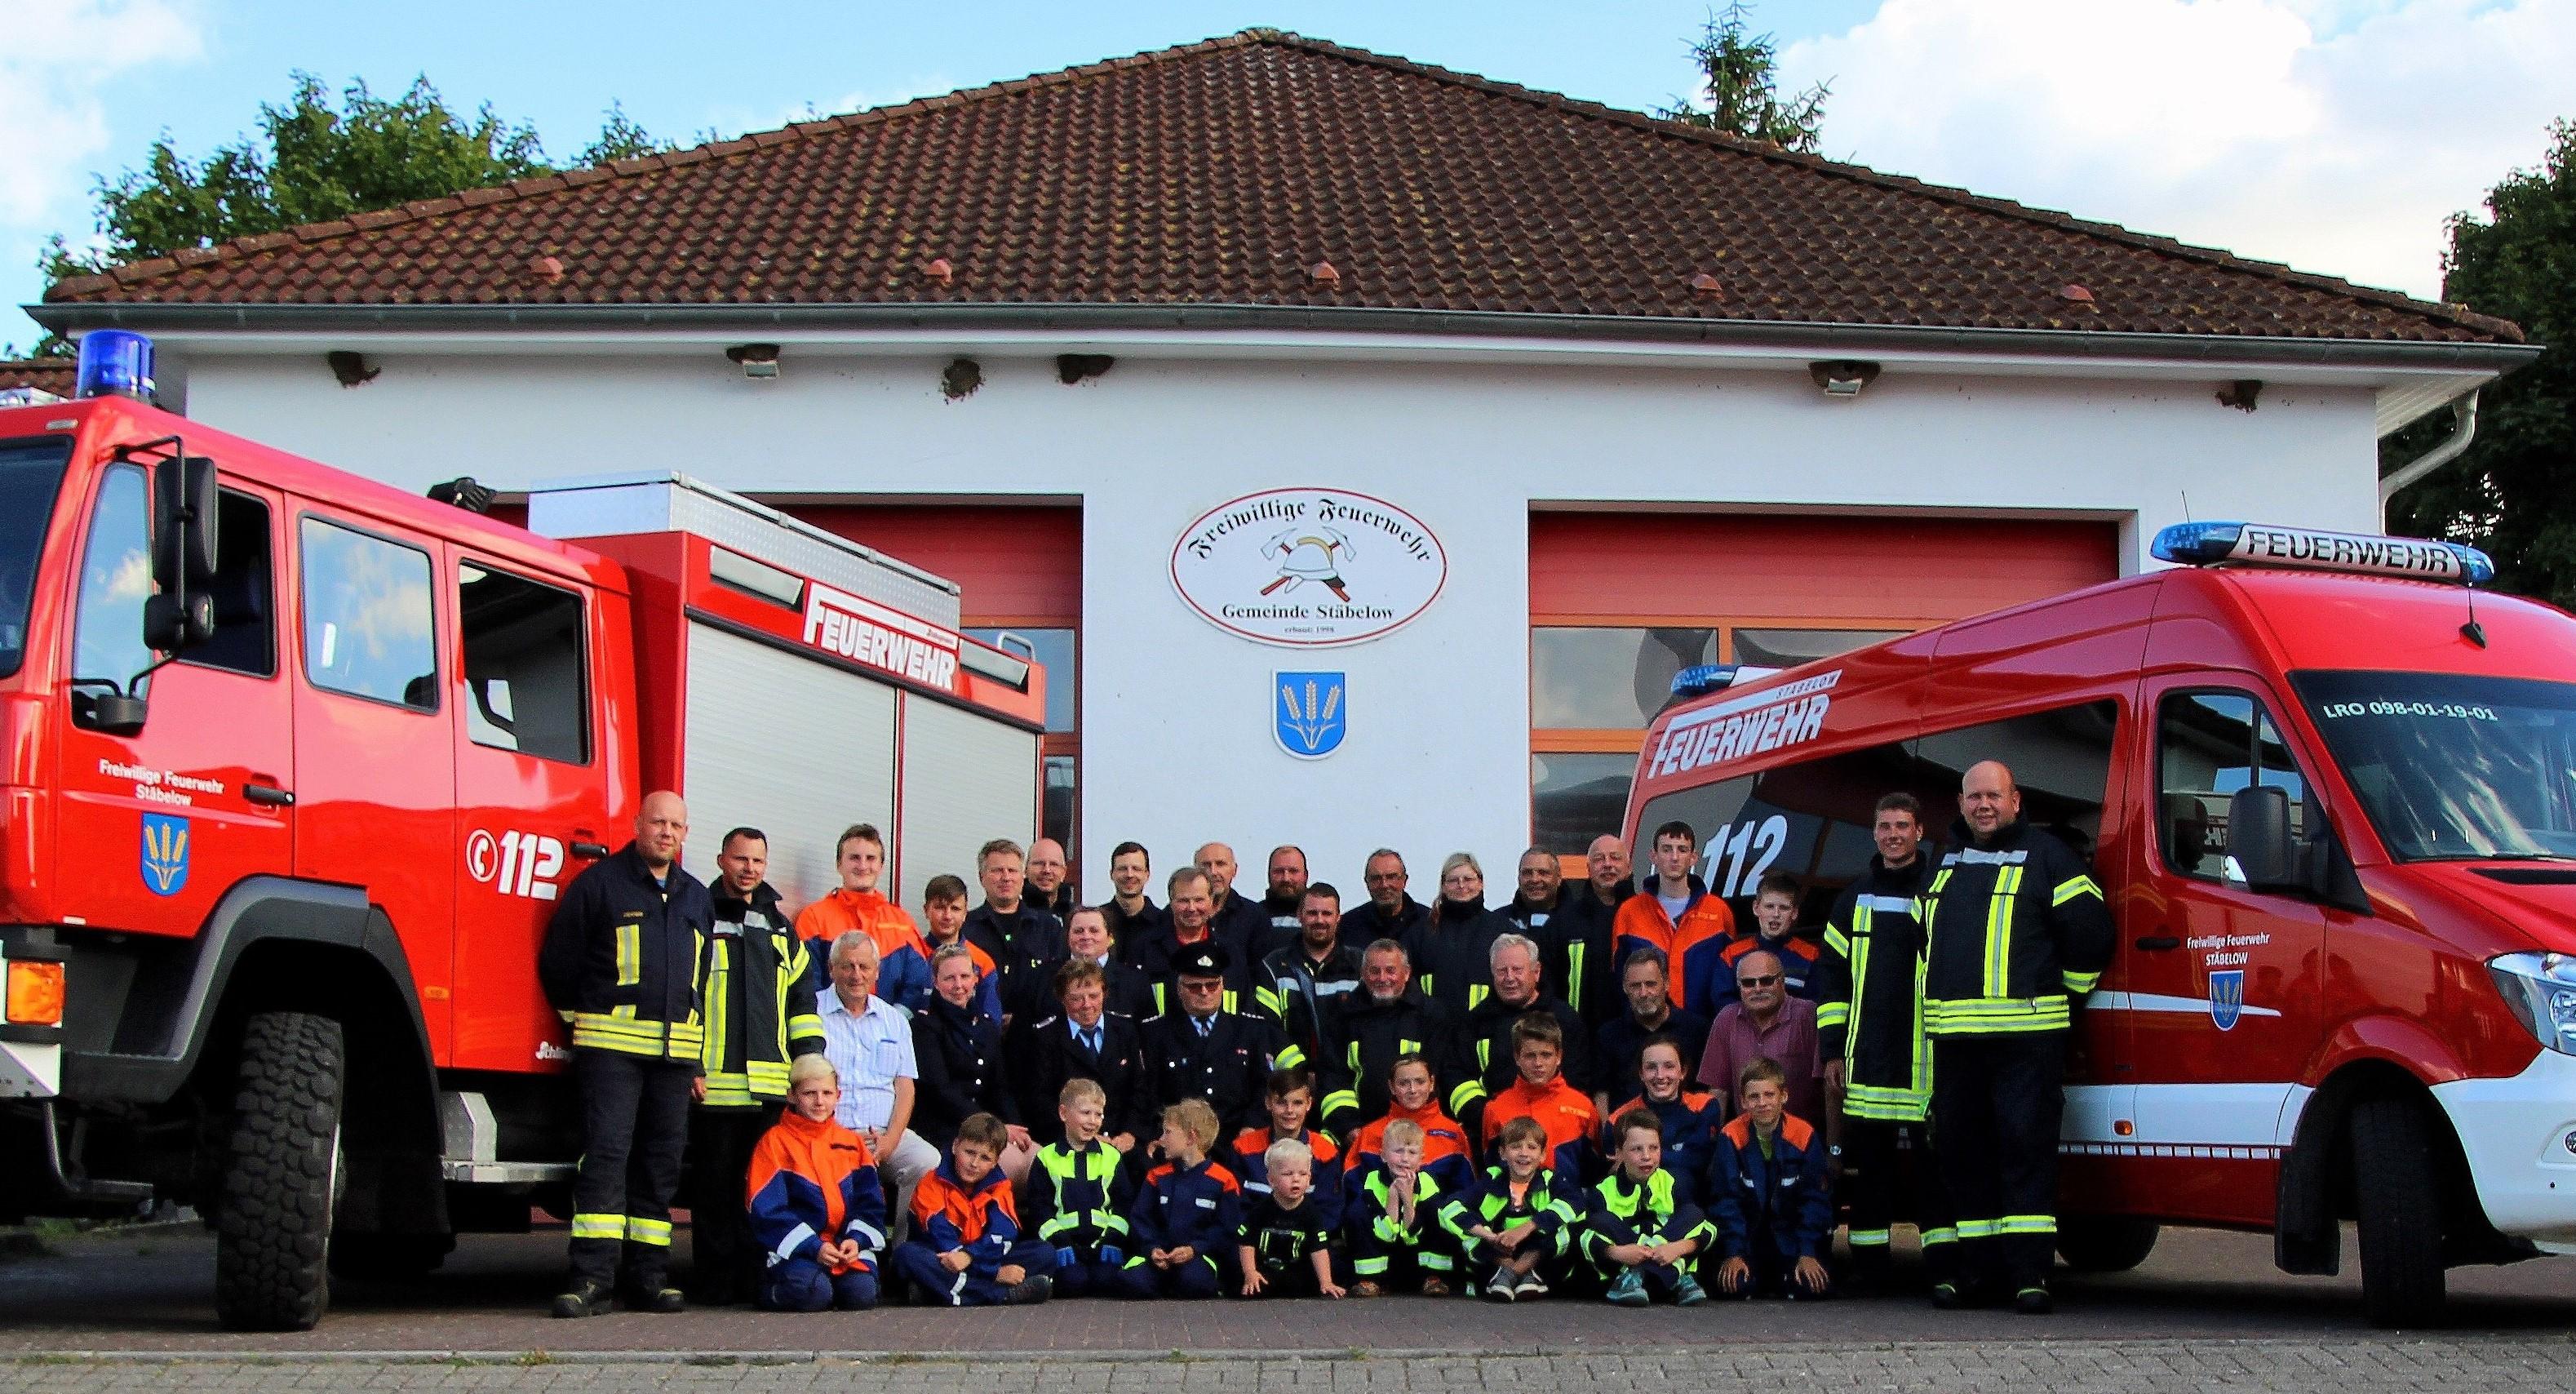 Archiv 2018 Gemeinde Stäbelow Bei Rostock